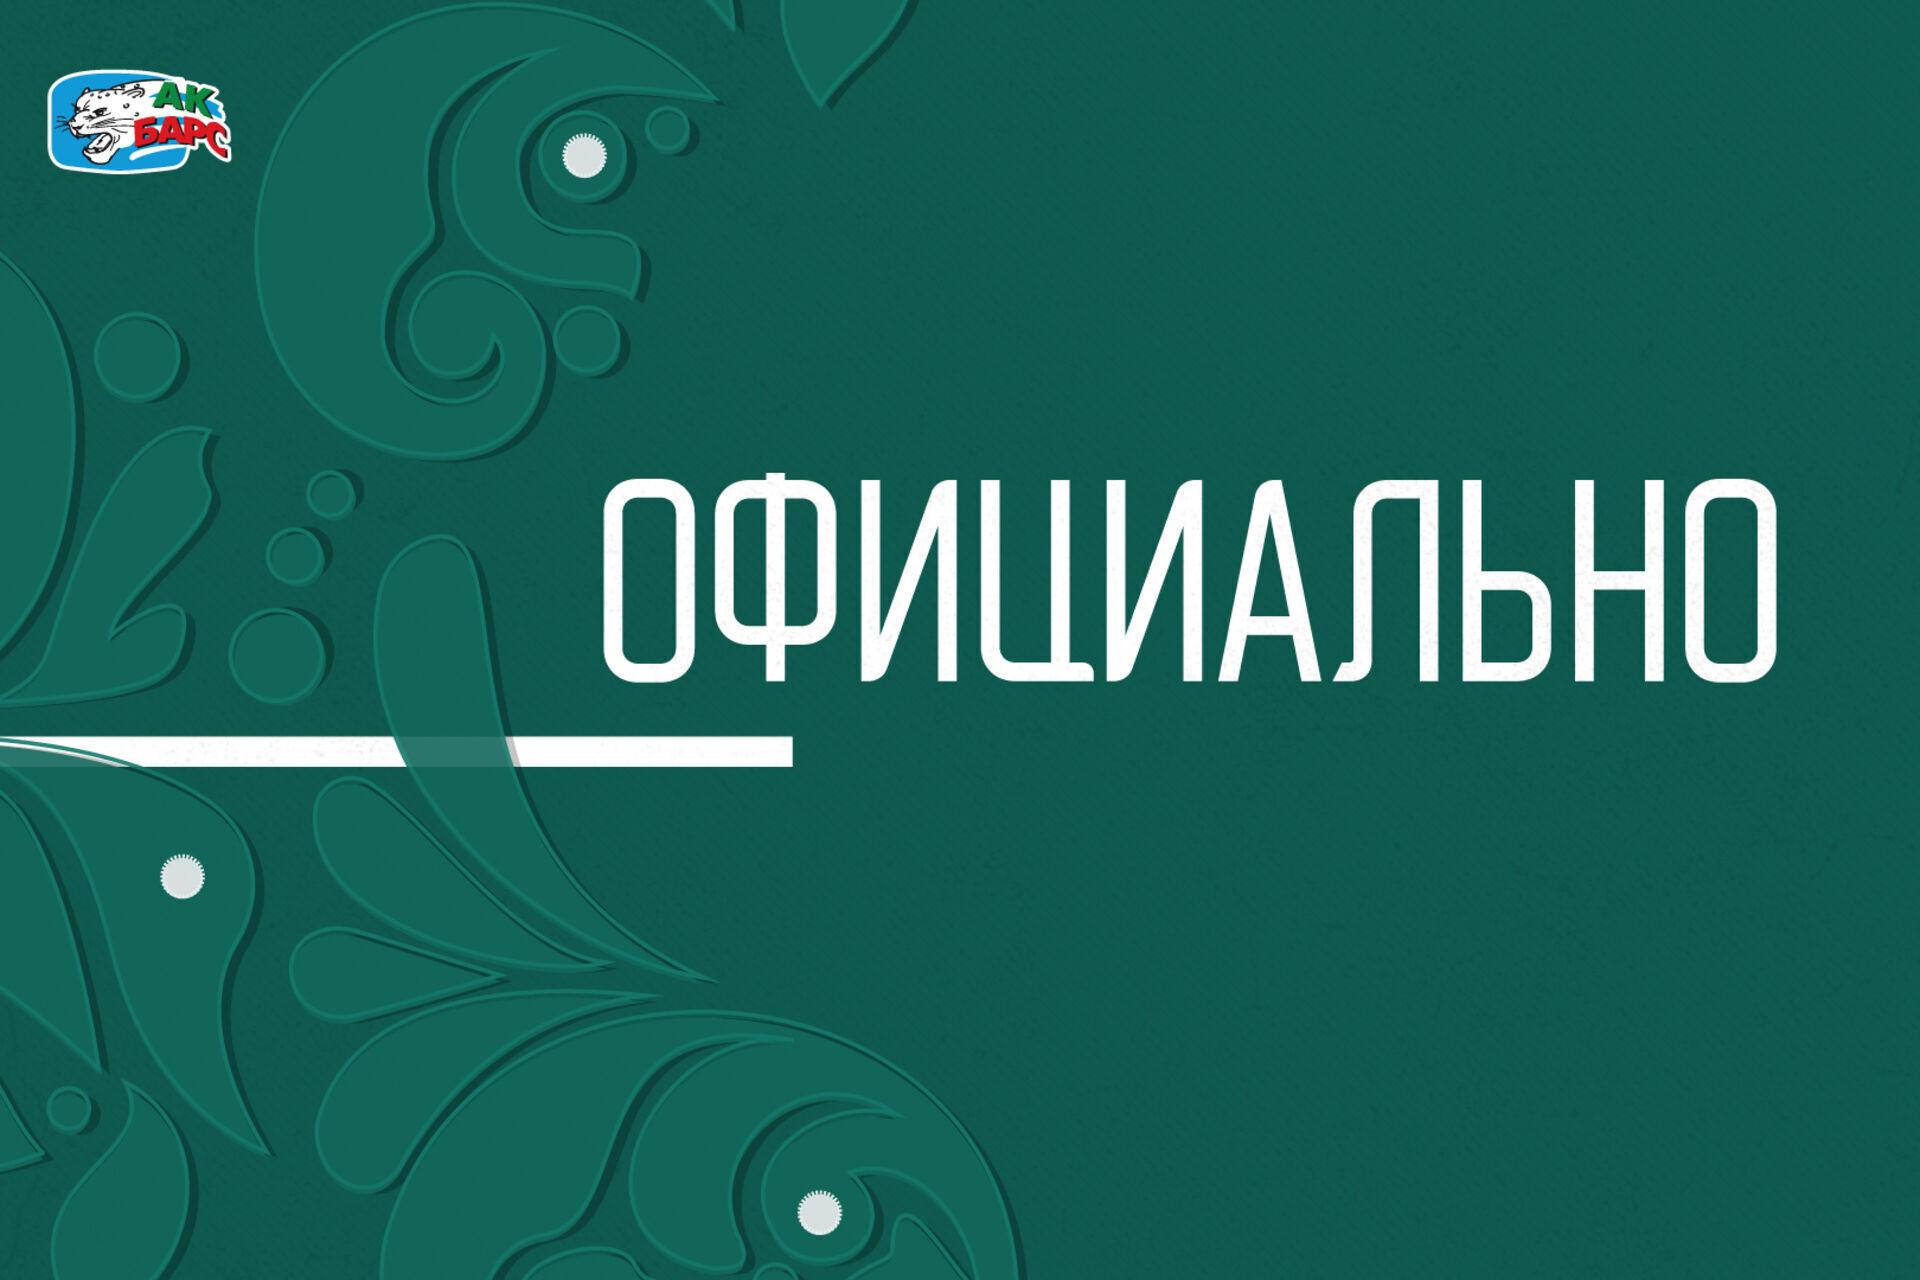 Матч «Йокерит» – «Ак Барс» перенесли в Казань. 22.09.2020